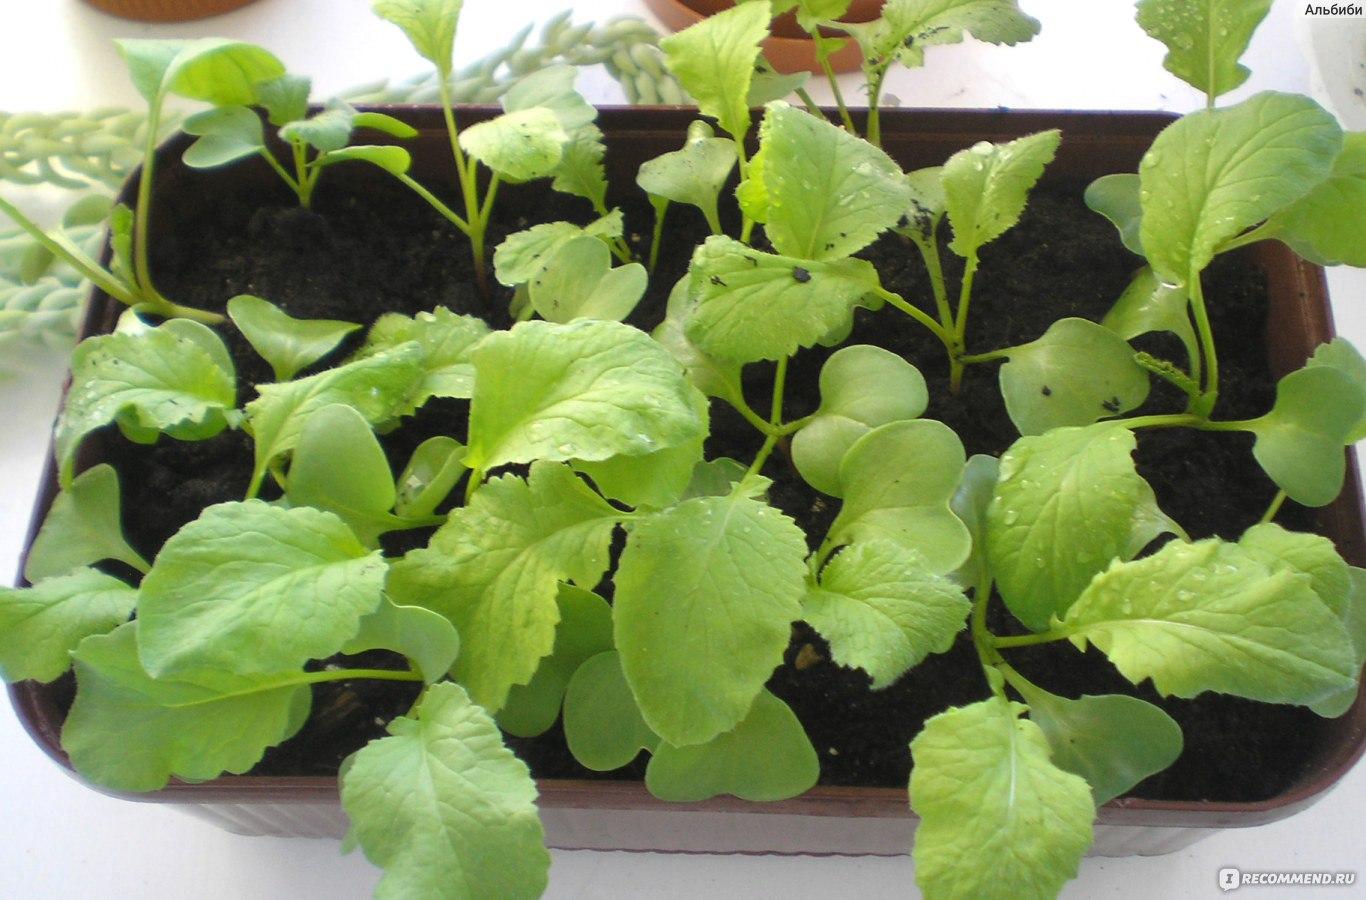 Редис подходит для выращивания в квартире